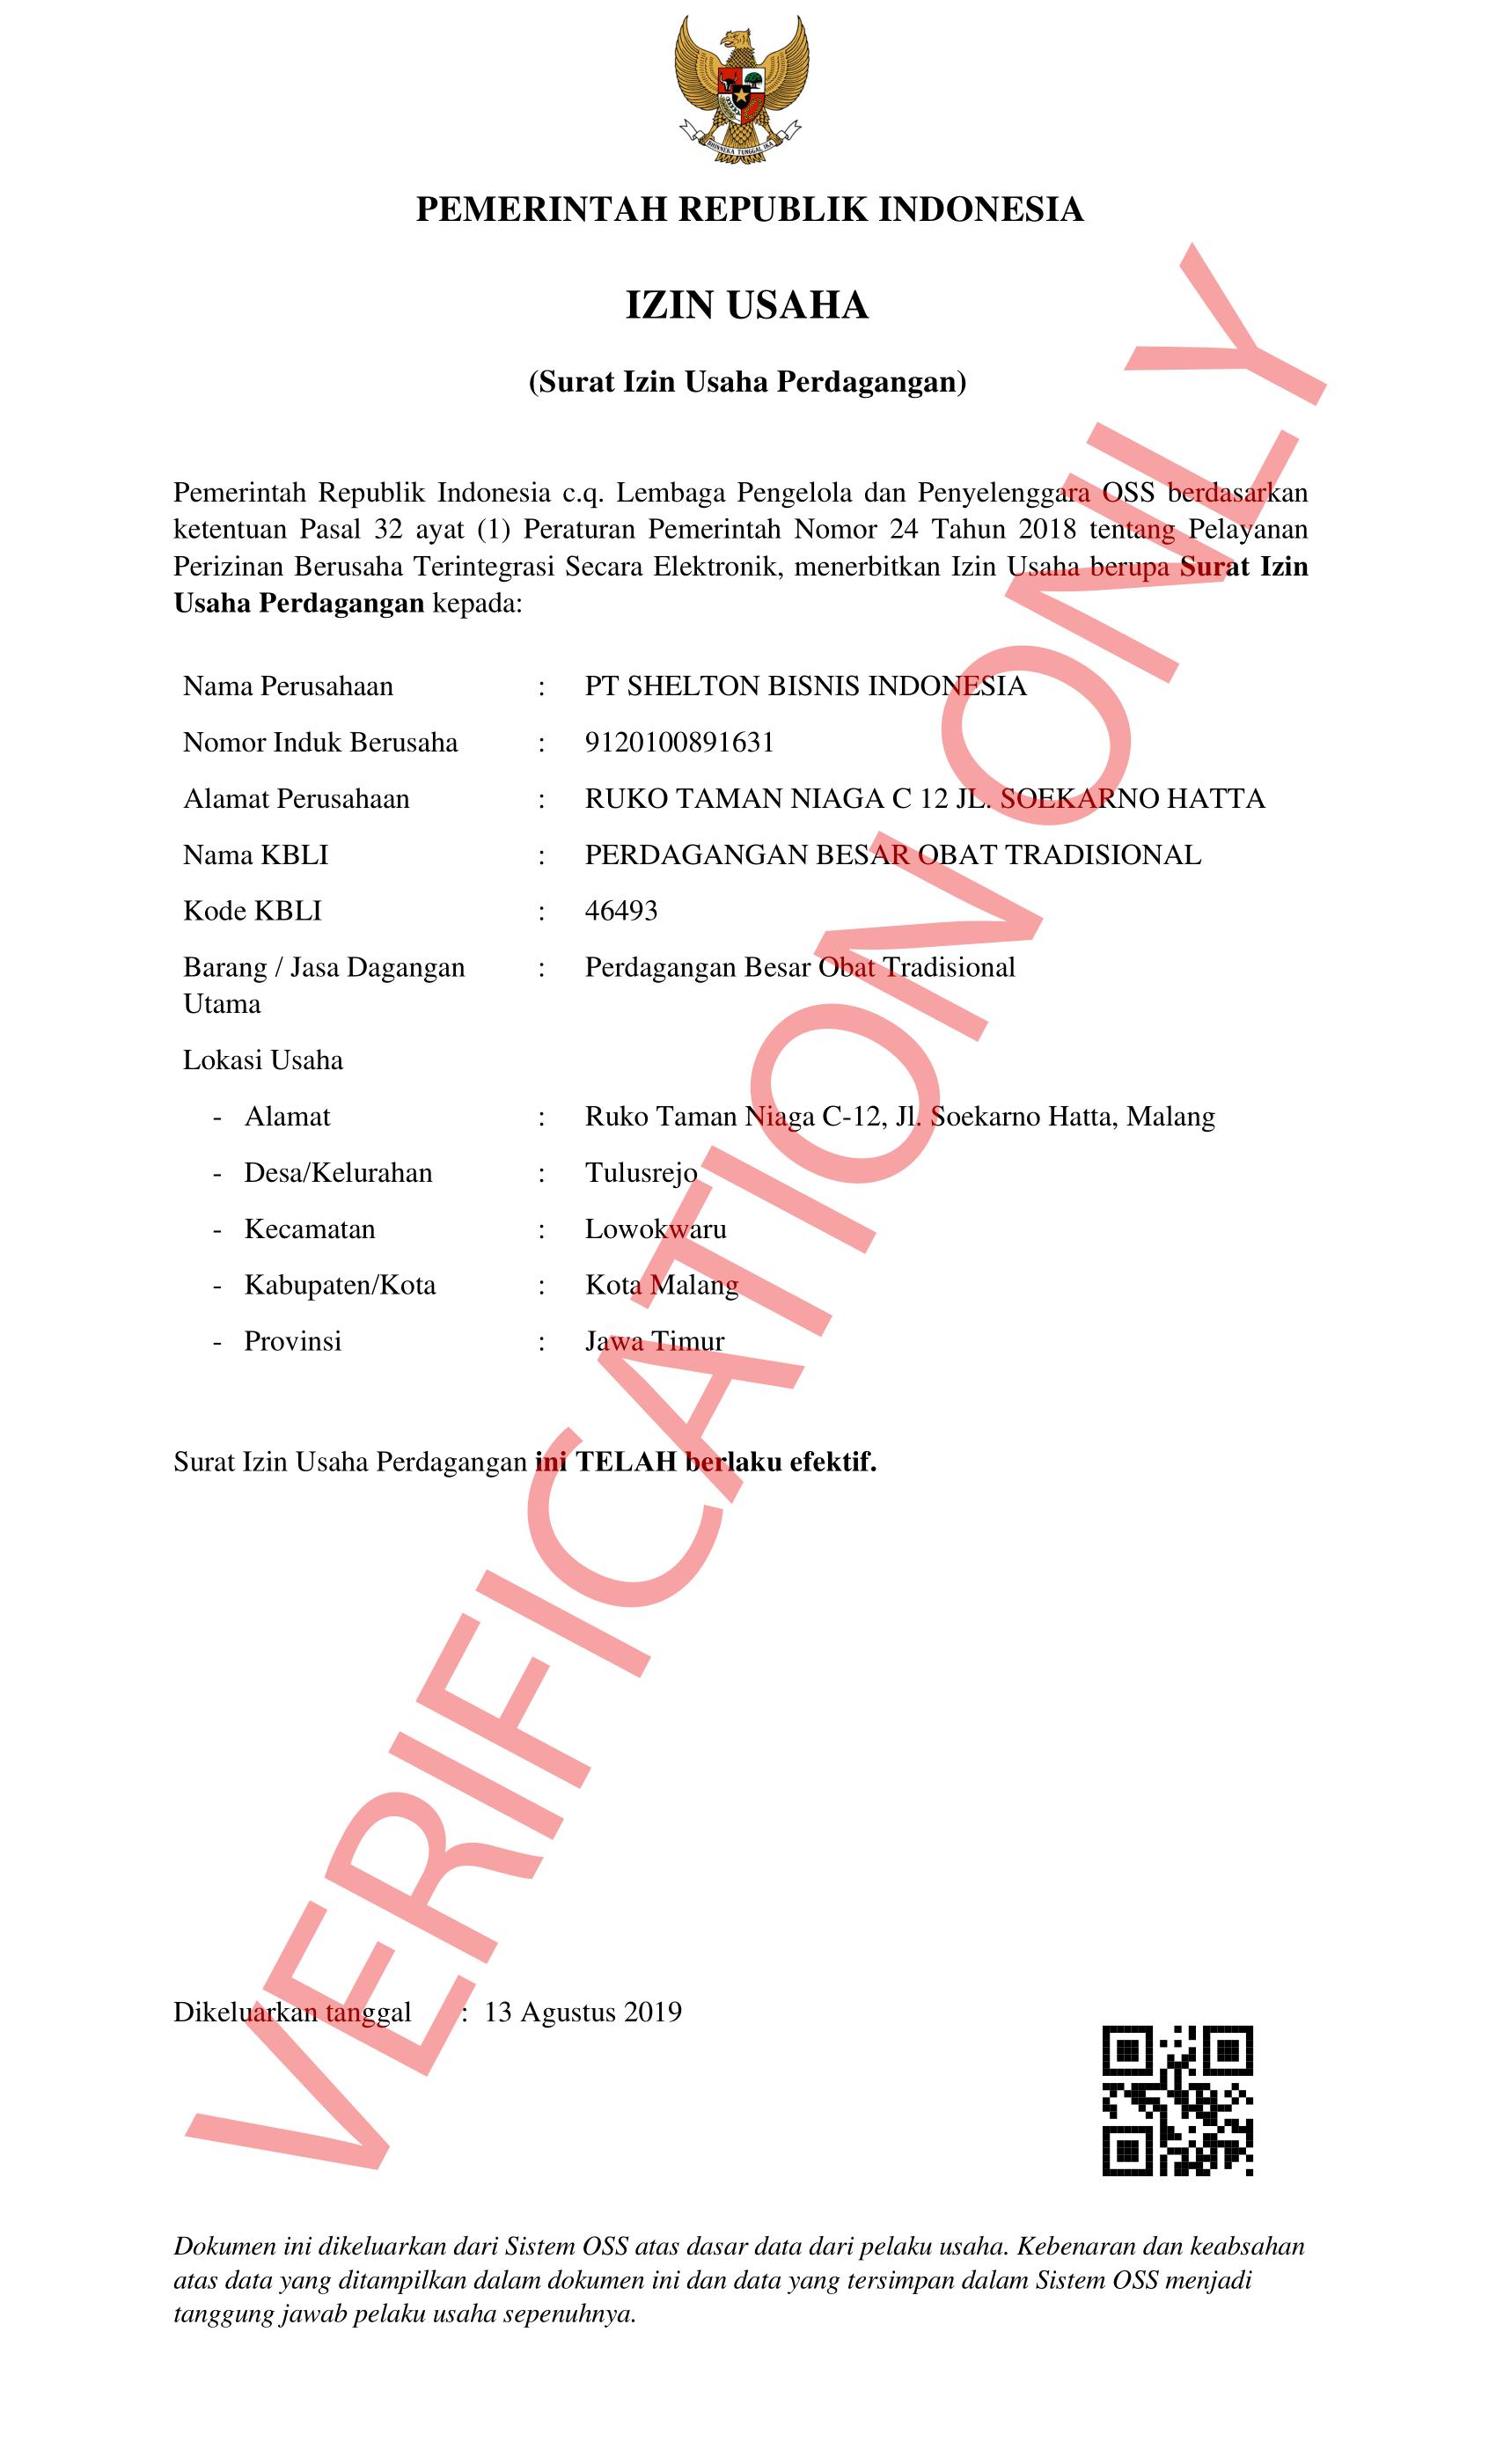 SIUP (Surat Izin Usaha Perdagangan) - Shelton Indonesia Group - Food & Drinks & Hospitality Company